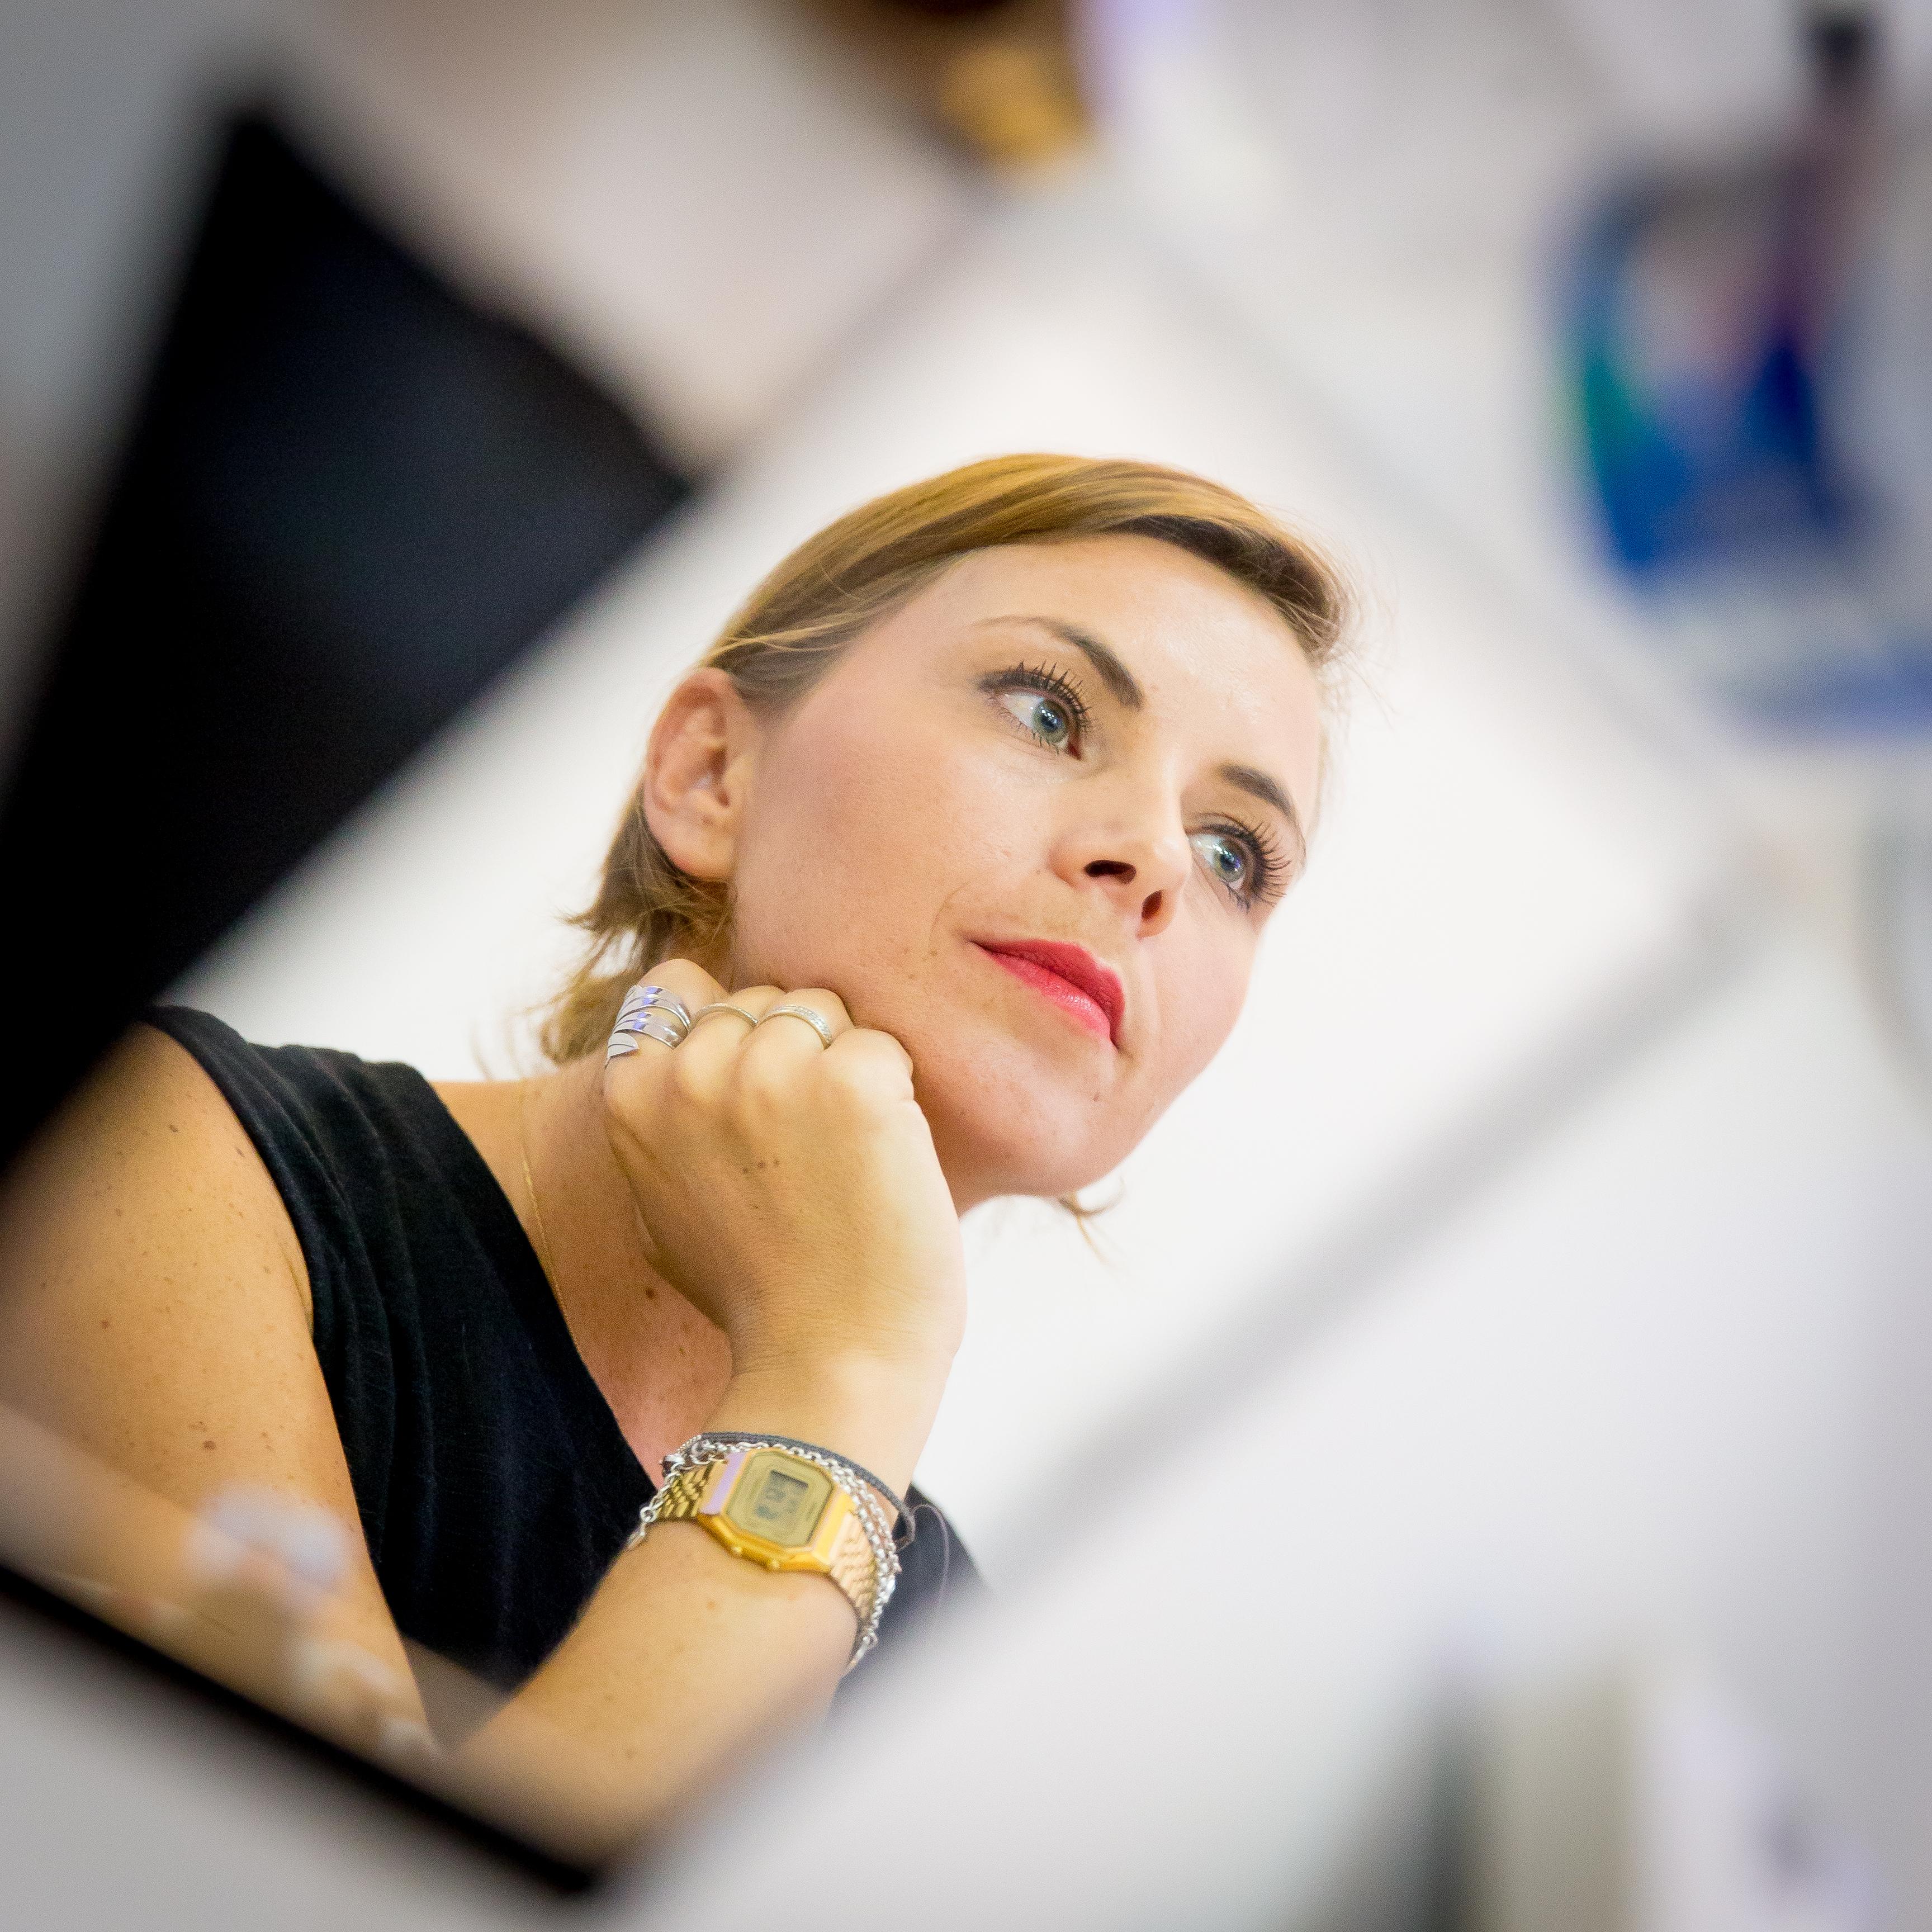 aurelie malau blog beauté